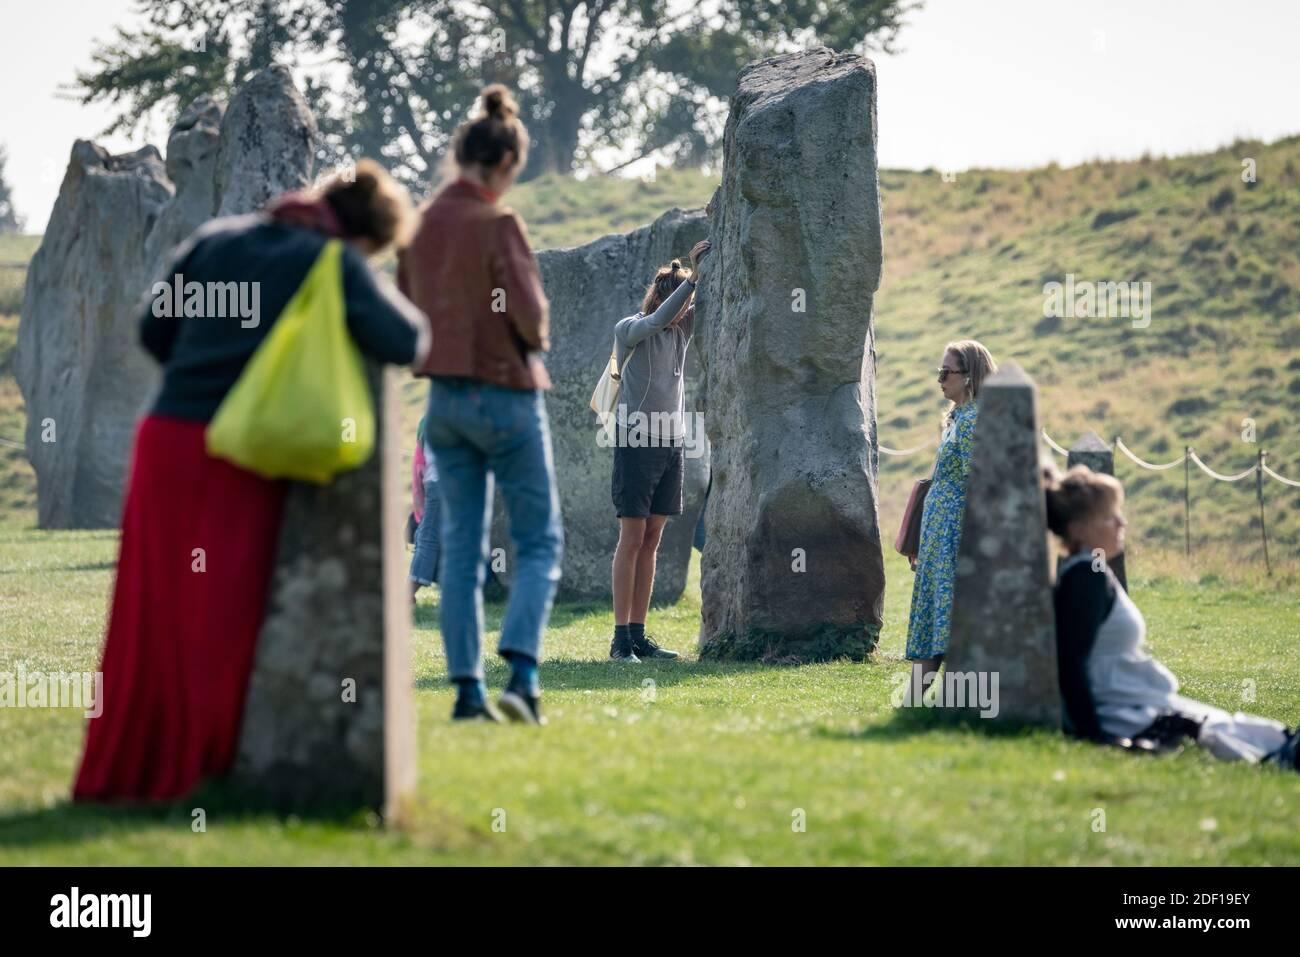 Equinox d'automne au cercle de pierres d'Avebury. Les disciples païens se rassemblent pour toucher, méditer et chanter autour des pierres néolithique d'Avebury. Wiltshire, Royaume-Uni Banque D'Images